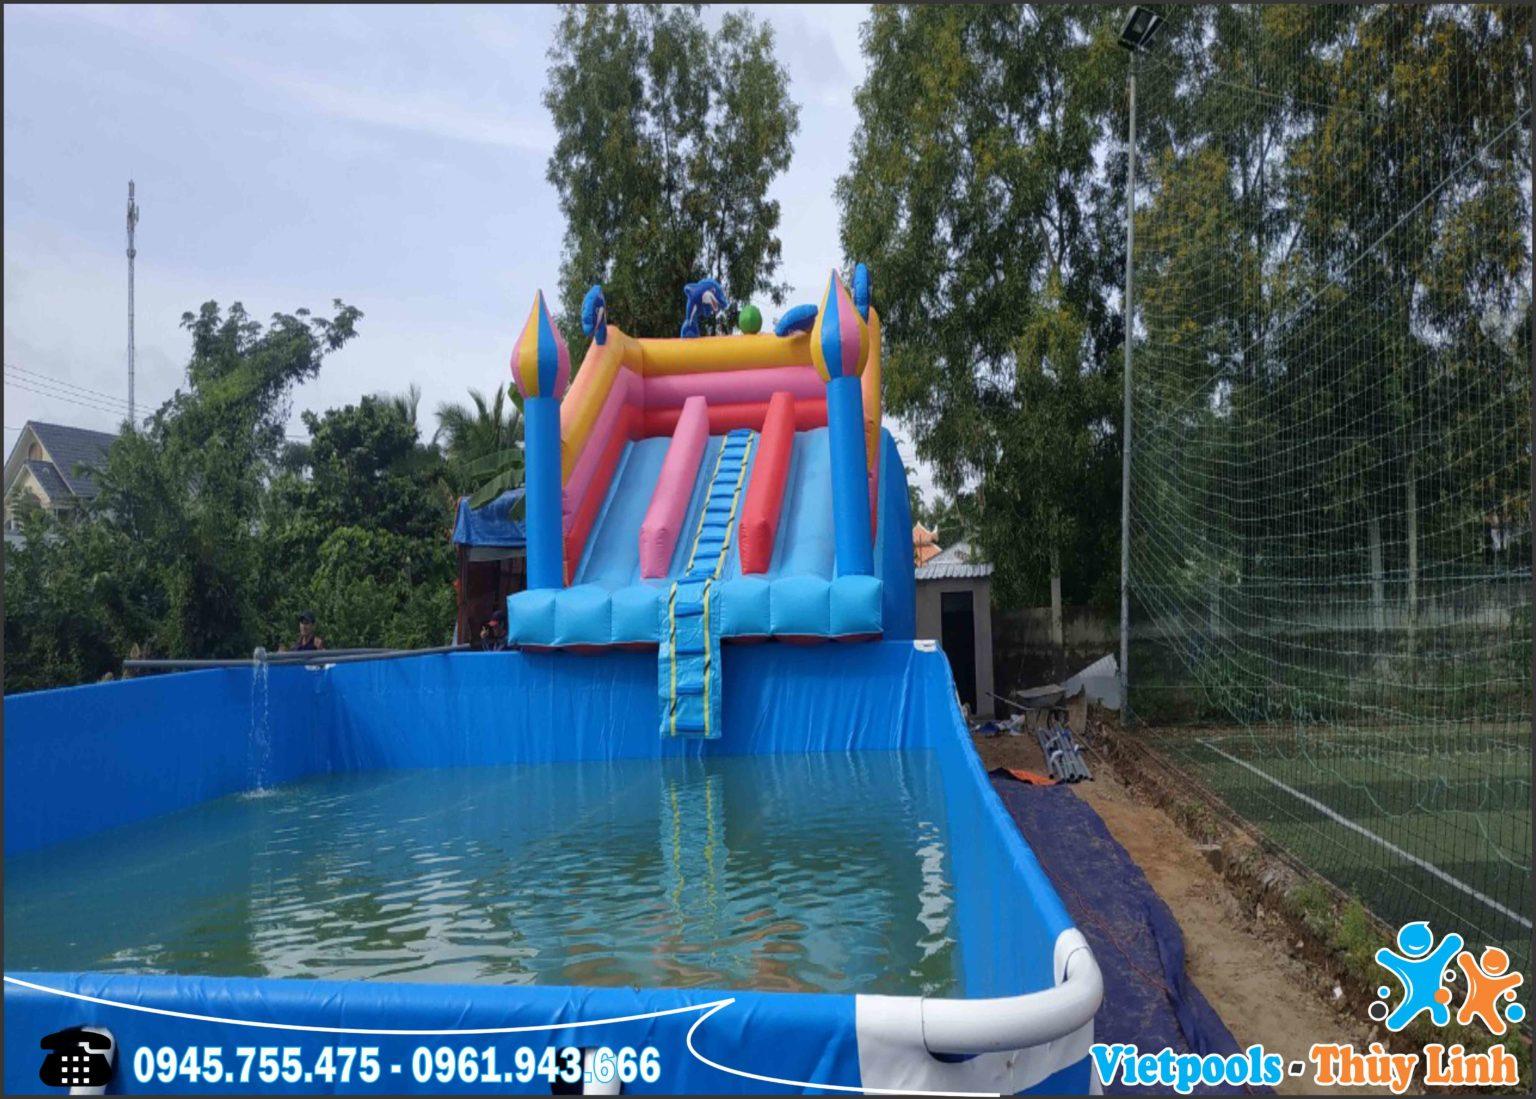 Bể Bơi Lắp Ghép Khung Kim Loại Tại Hải Phòng KT 6.6mx12.6m - 2020 7